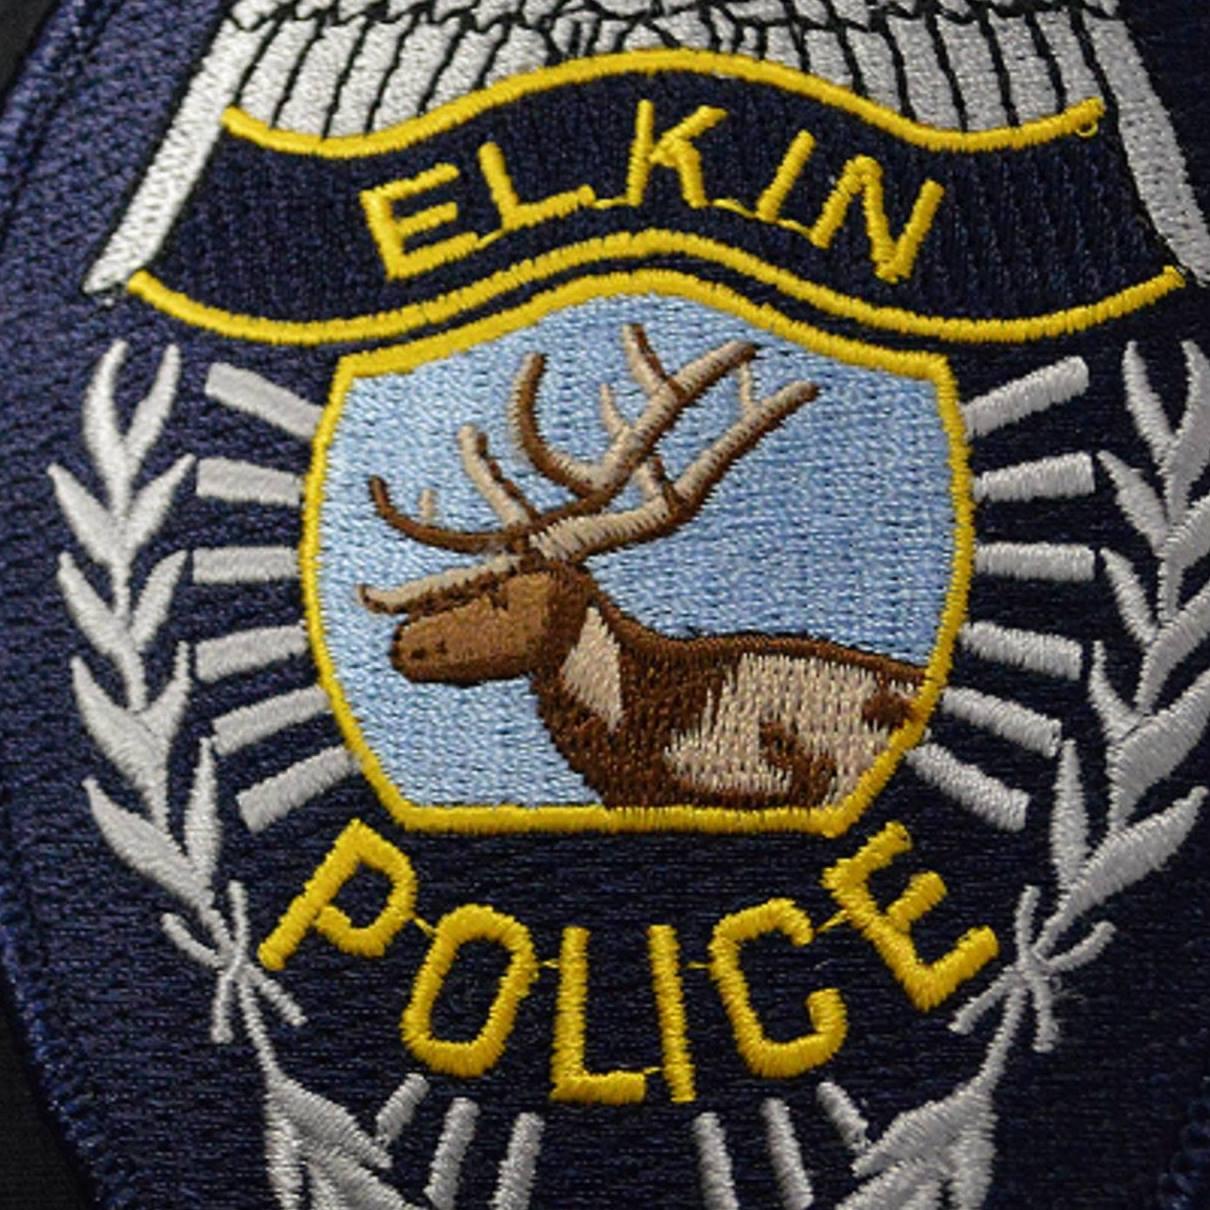 Elkin Police Department